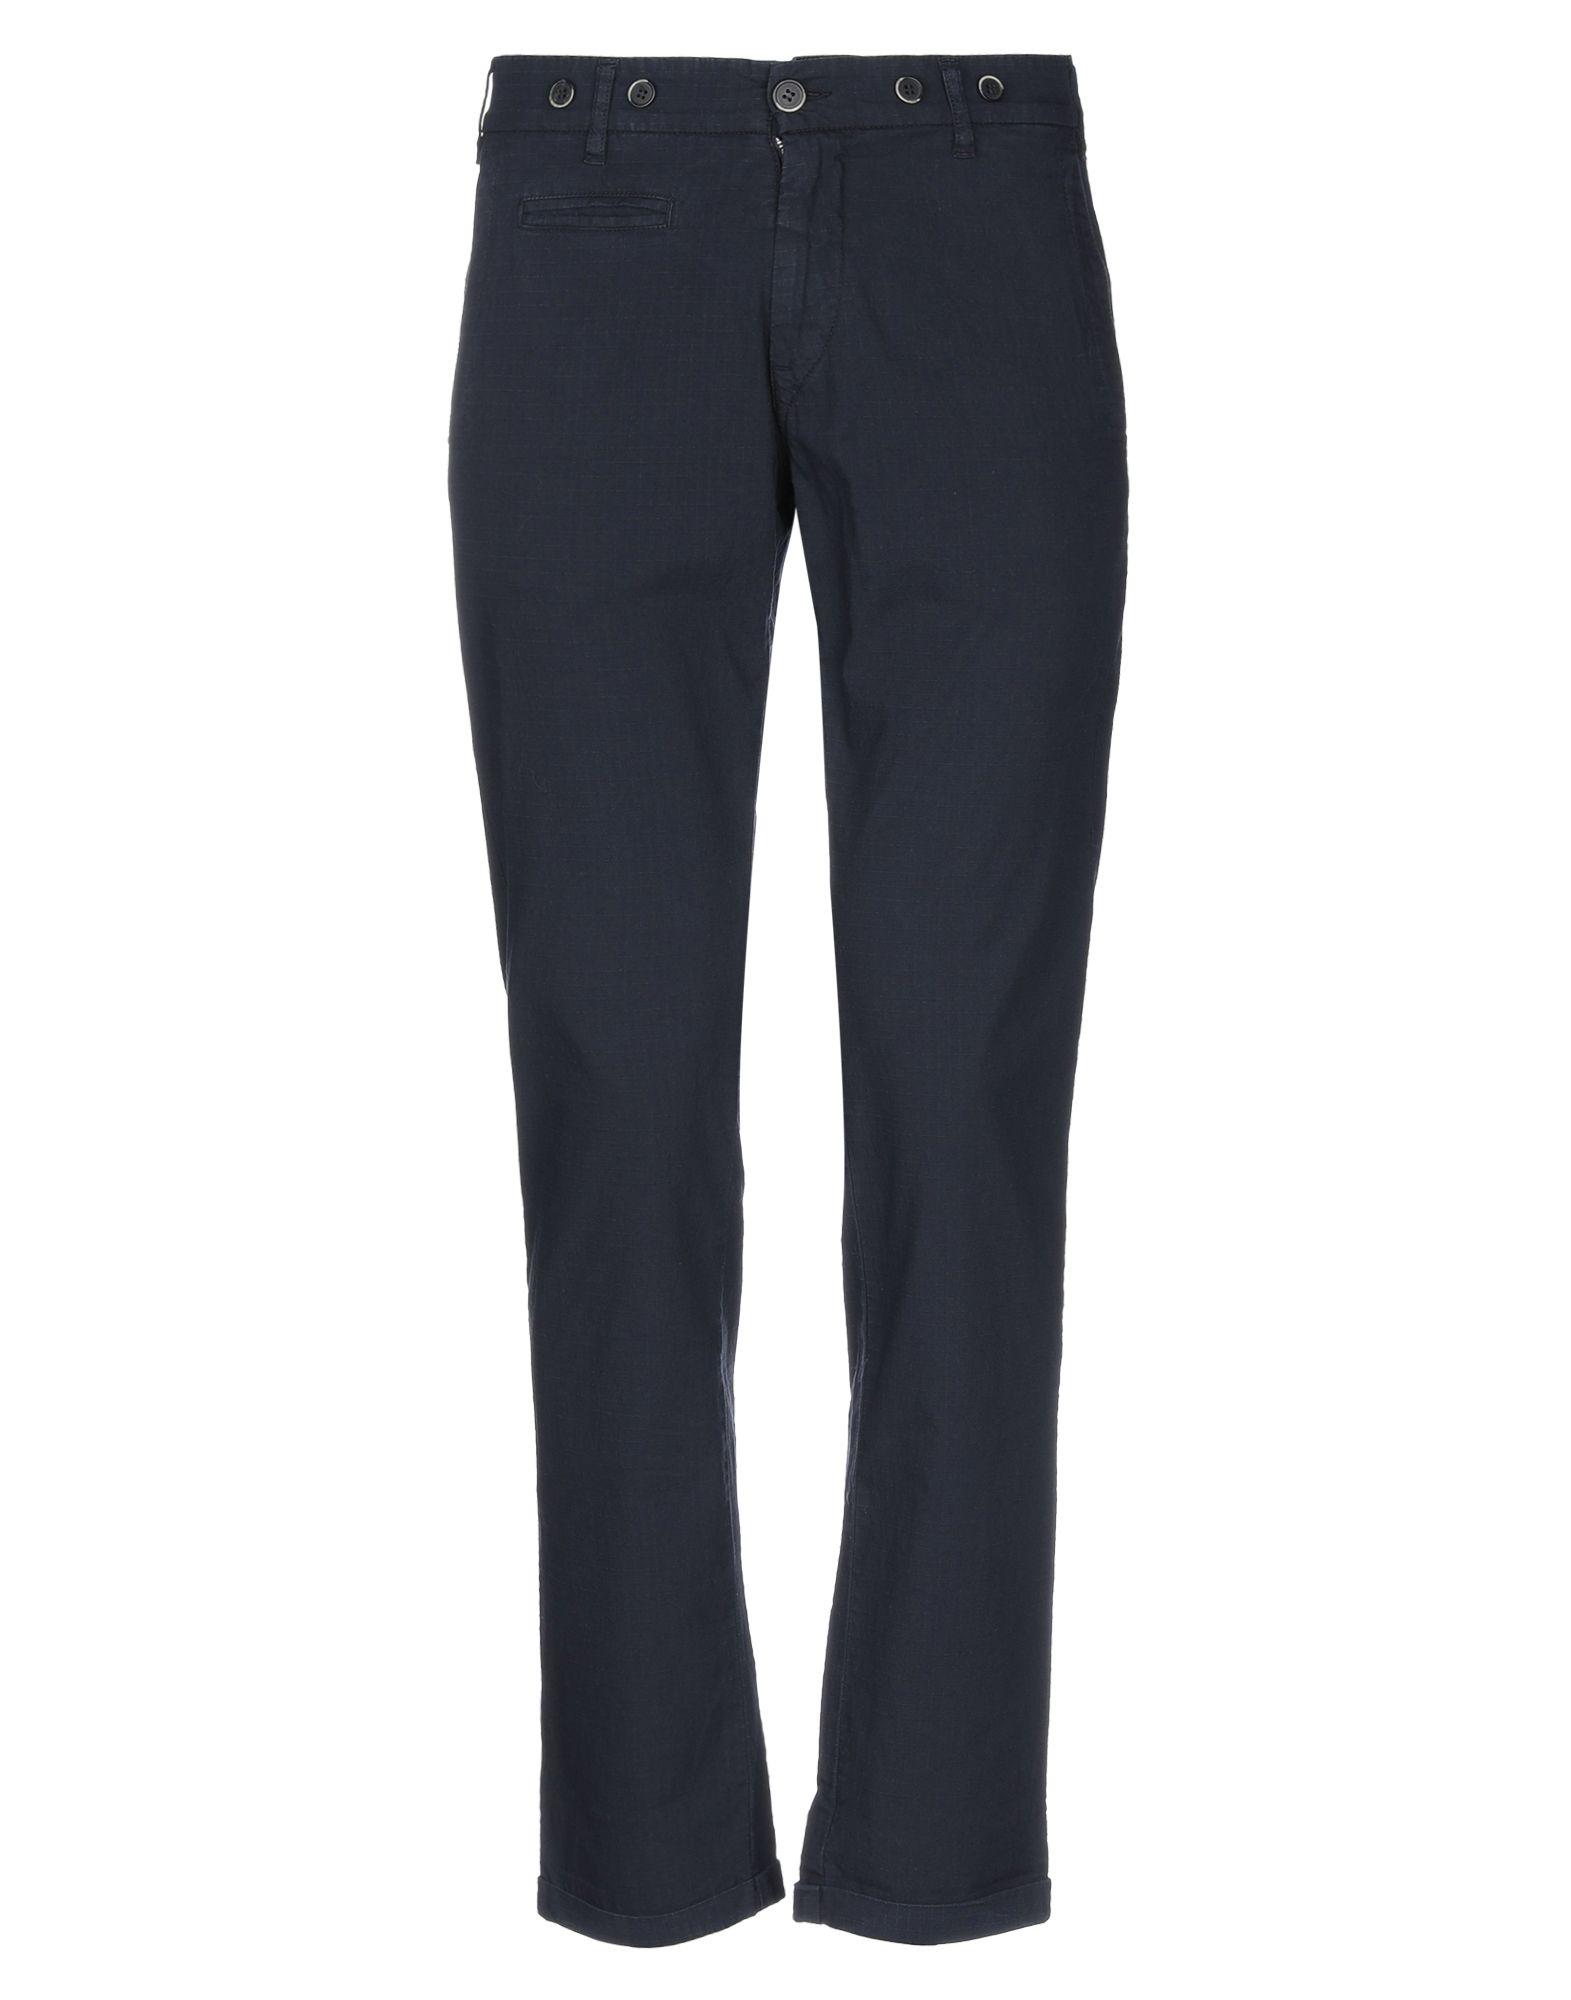 《セール開催中》BARENA メンズ パンツ ダークブルー 44 コットン 100% / ポリエステル